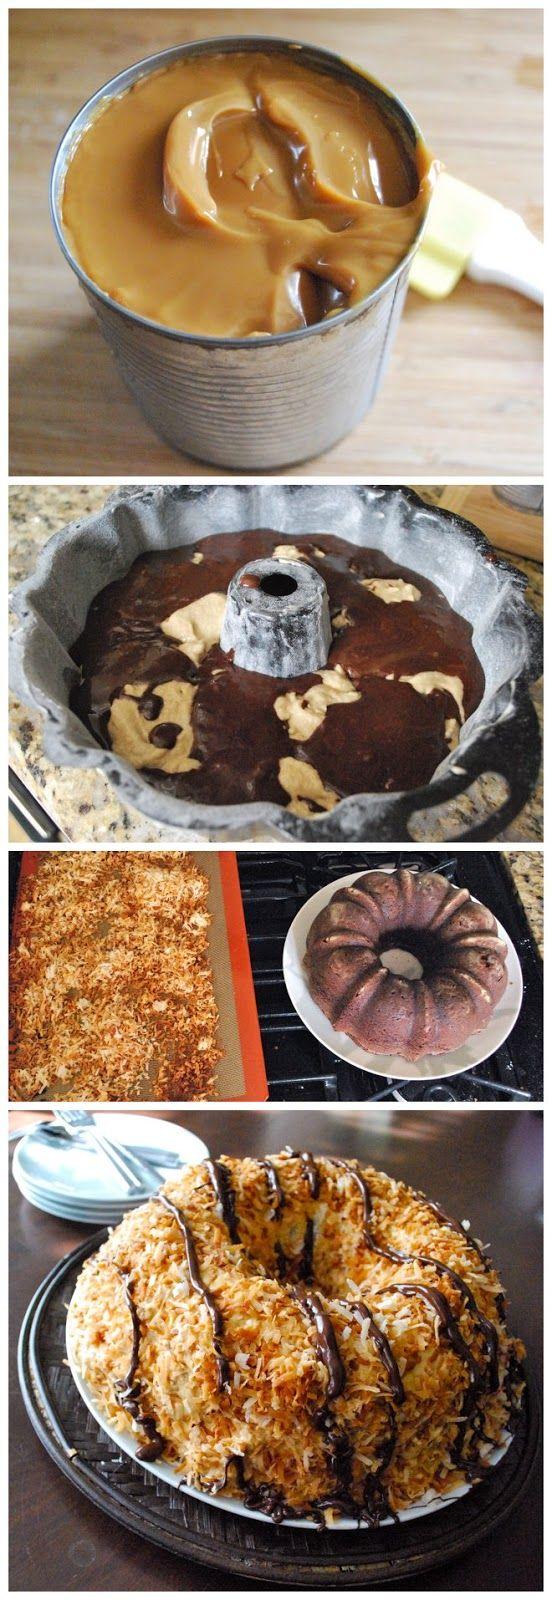 Samoa Bundt Cake--